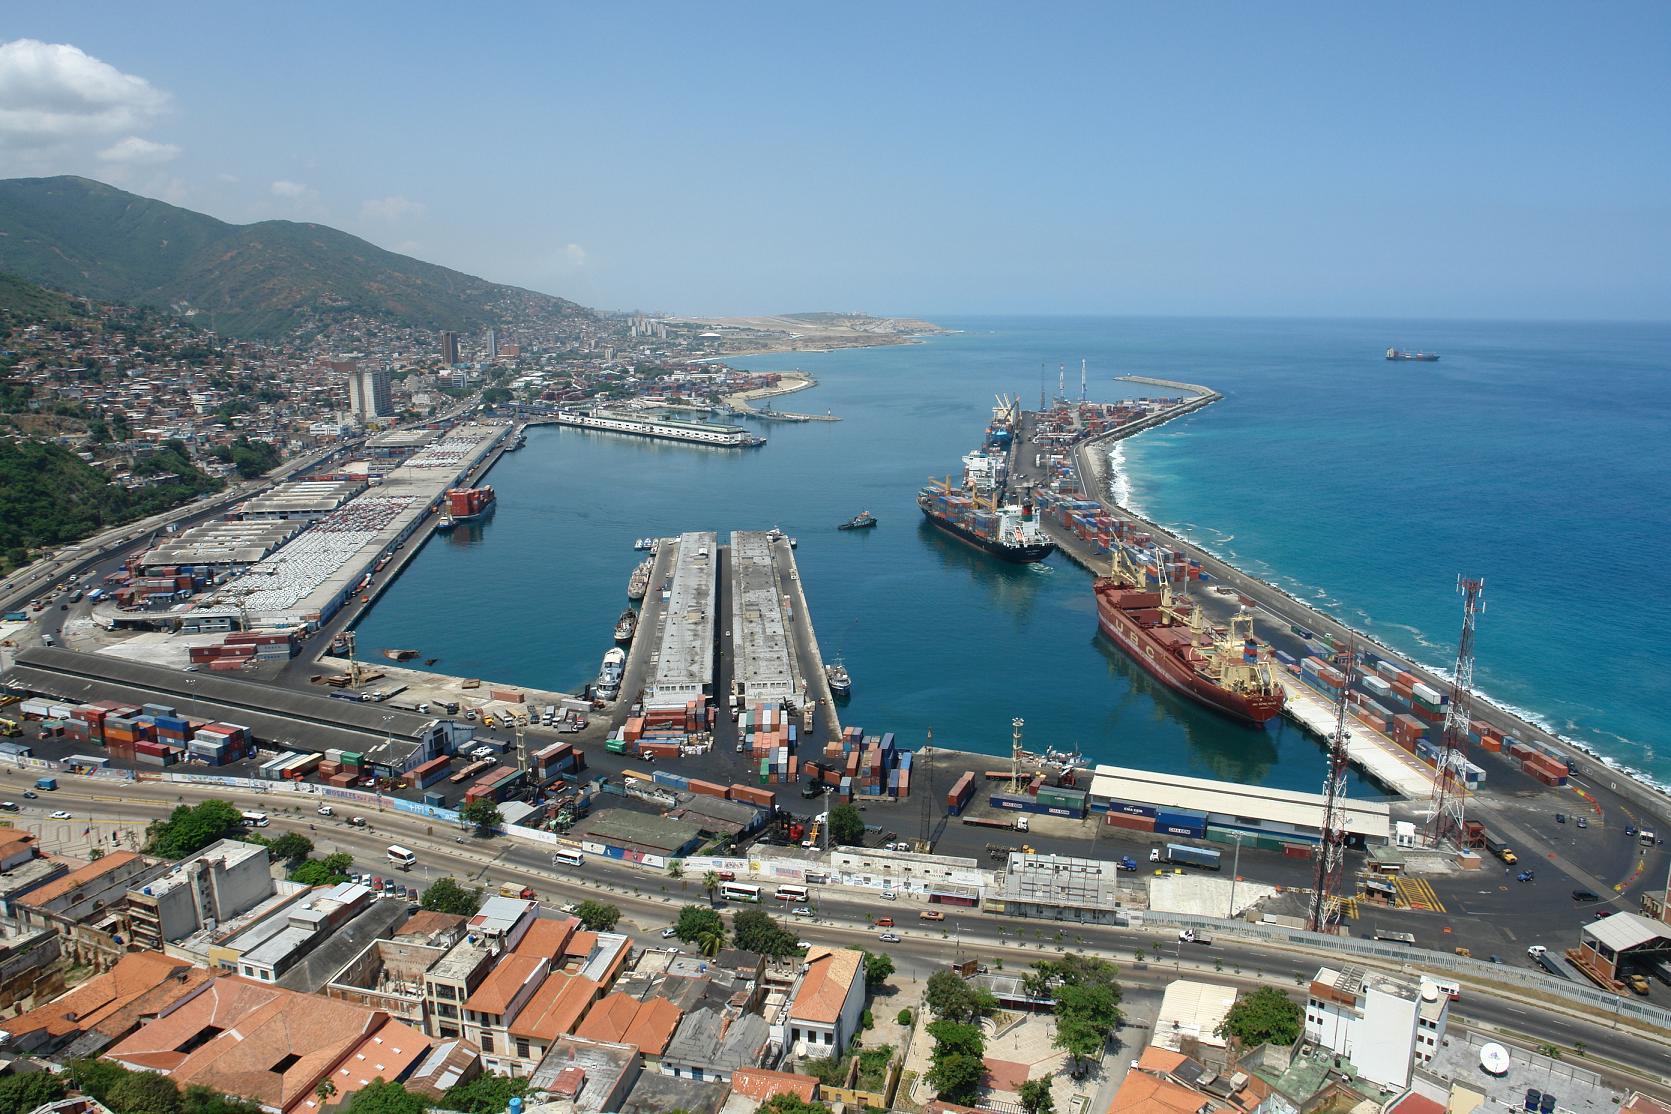 Una ley de zonas económicas especiales se propone atraer la inversión extranjera en Venezuela